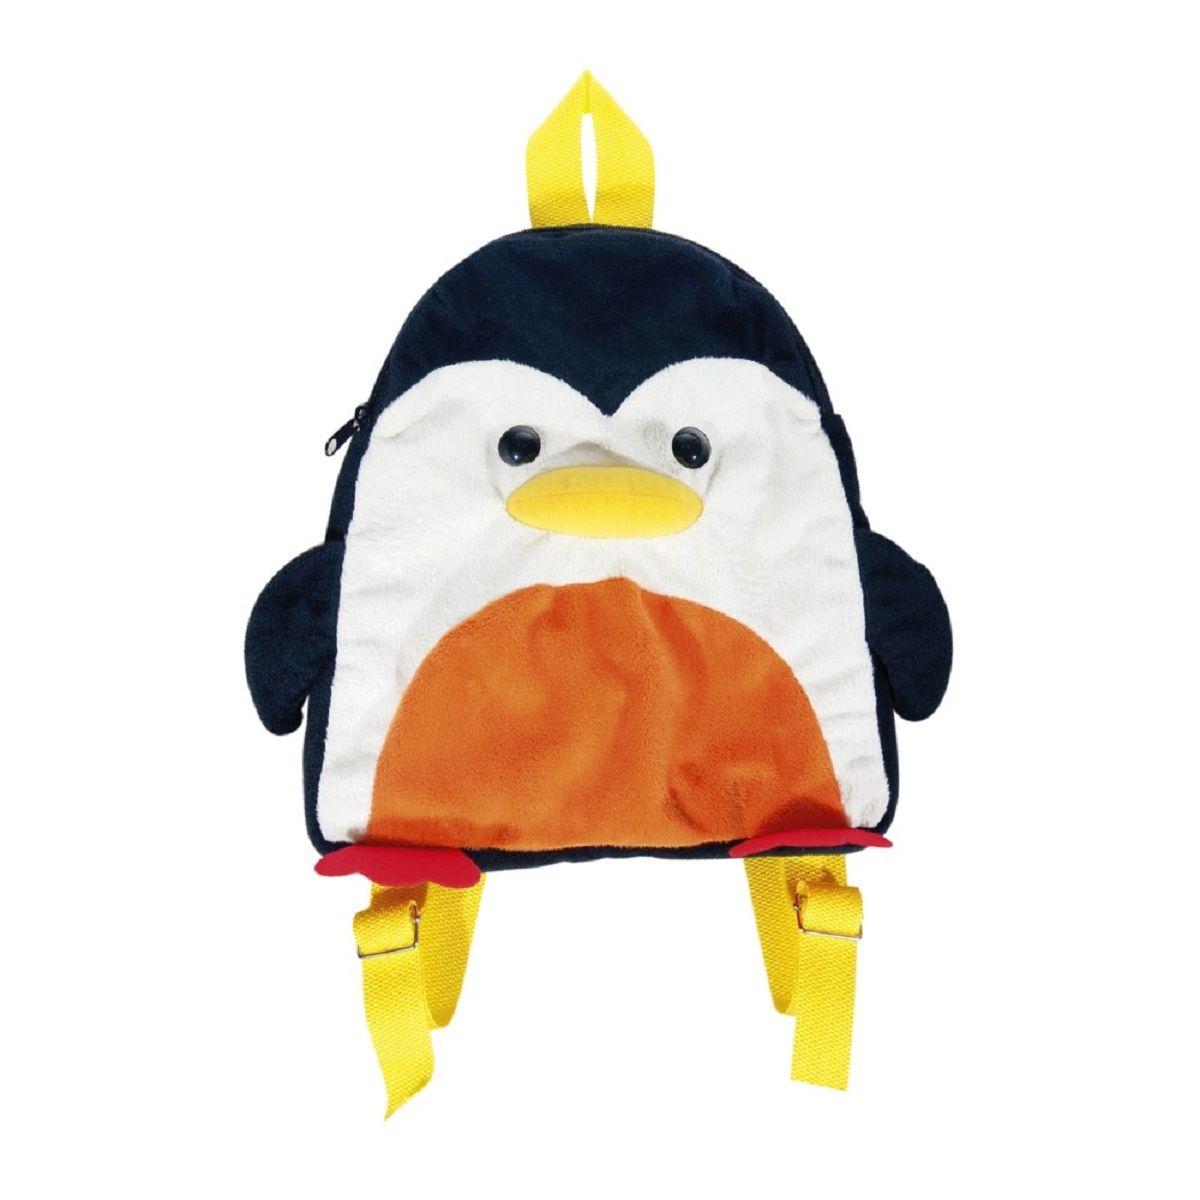 Fancy Рюкзак дошкольный ПингвинRDI01Легкий и компактный дошкольный рюкзачок Fancy - это красивый и удобный аксессуар для вашего ребенка. Рюкзак выполнен в виде милого пингвина. Рюкзак состоит из одного отделения на застежке-молнии. В отделении легко поместятся не только игрушки, но даже тетрадка или книжка. Благодаря регулируемым лямкам, рюкзачок подходит детям любого роста. Текстильная ручка помогает носить аксессуар в руке или размещать на вешалке.